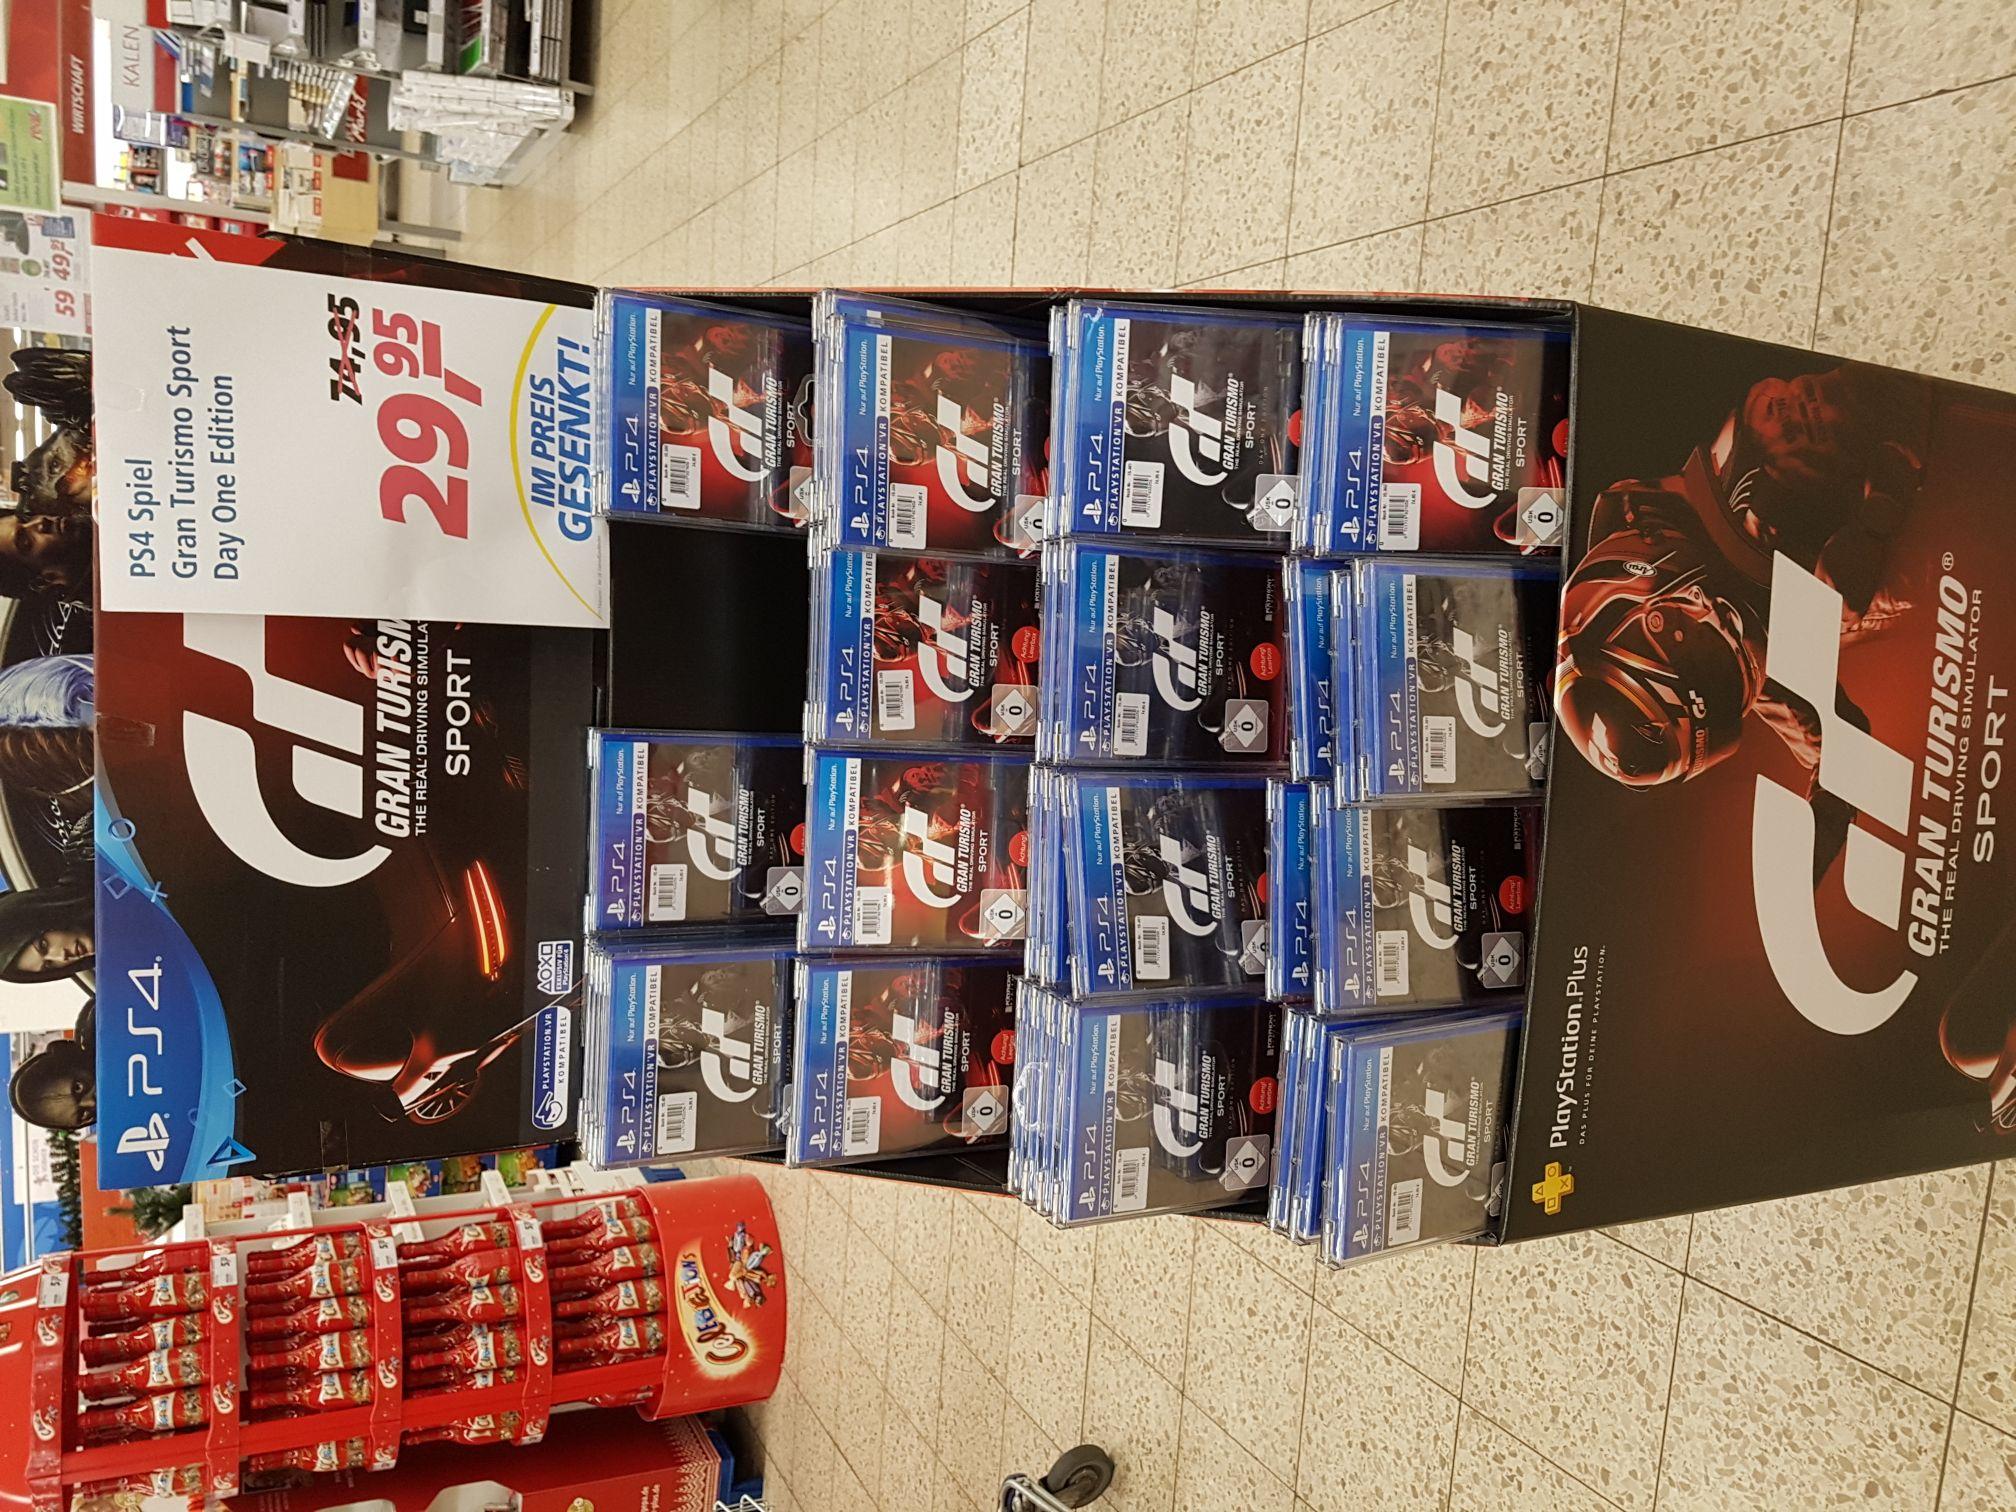 Gran Turismo PS4 bei Real für 29.95 € evtl. Lokal? Hamm Heessen